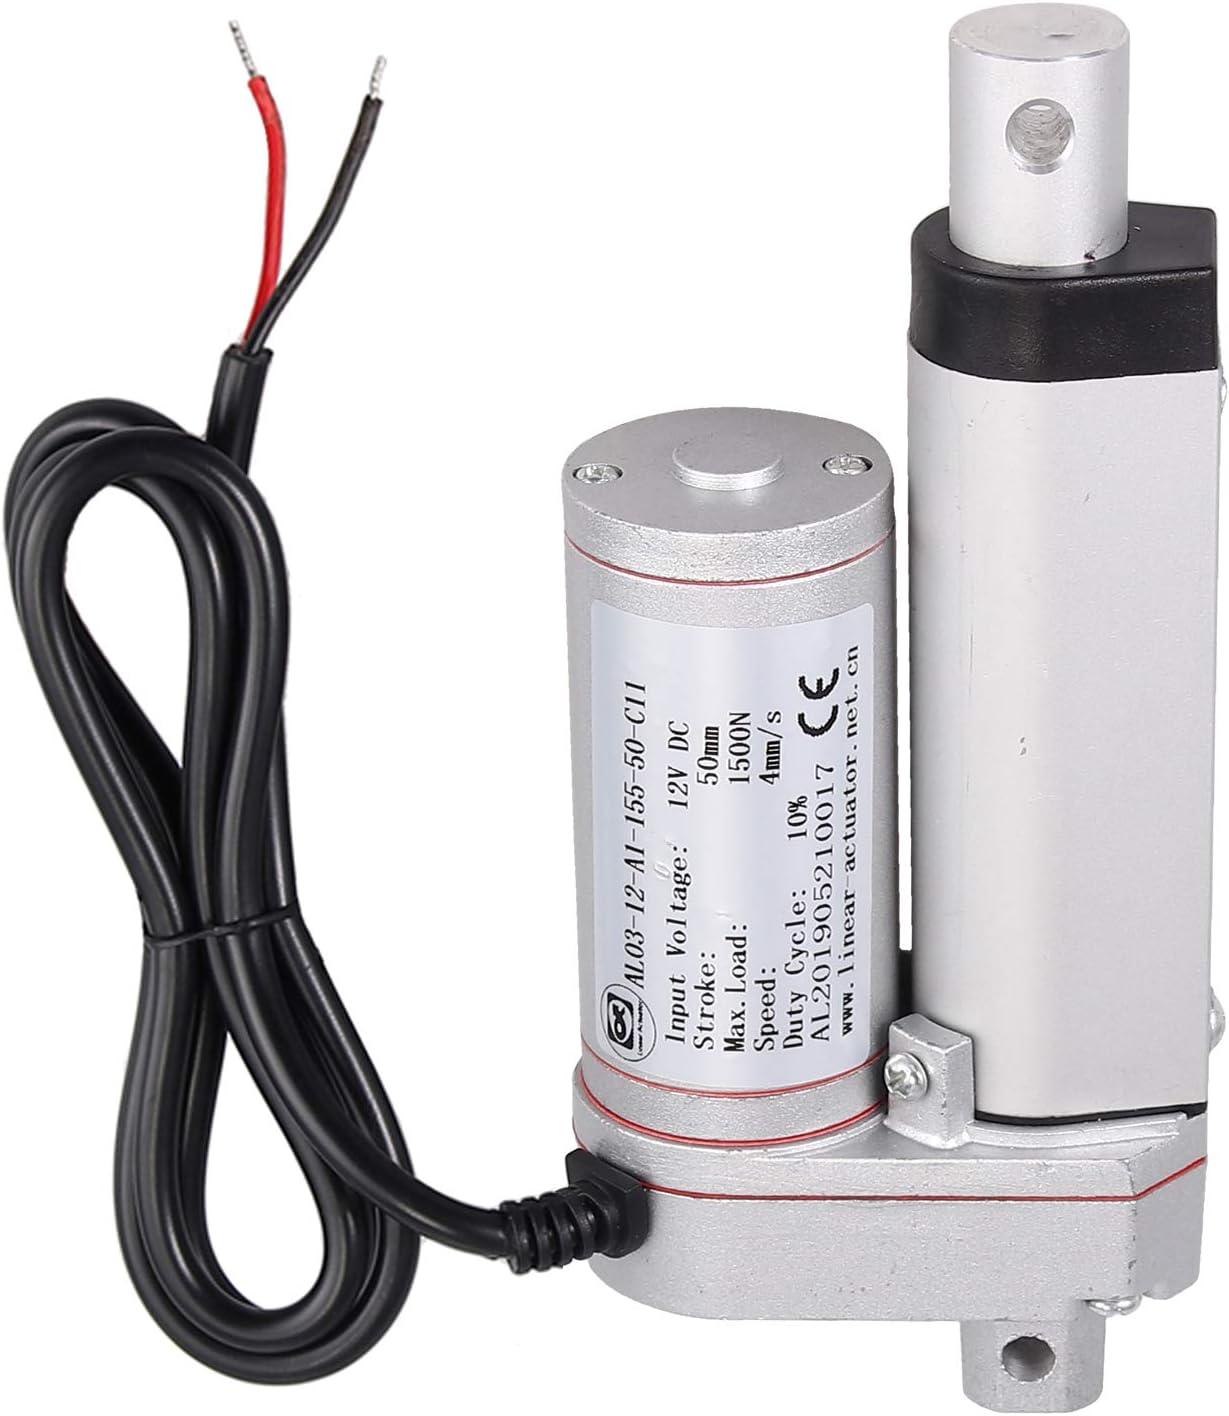 AUTOUTLET Motor de actuador lineal DC 12V 1500N para el abrepuertas eléctrico del auto RV del coche